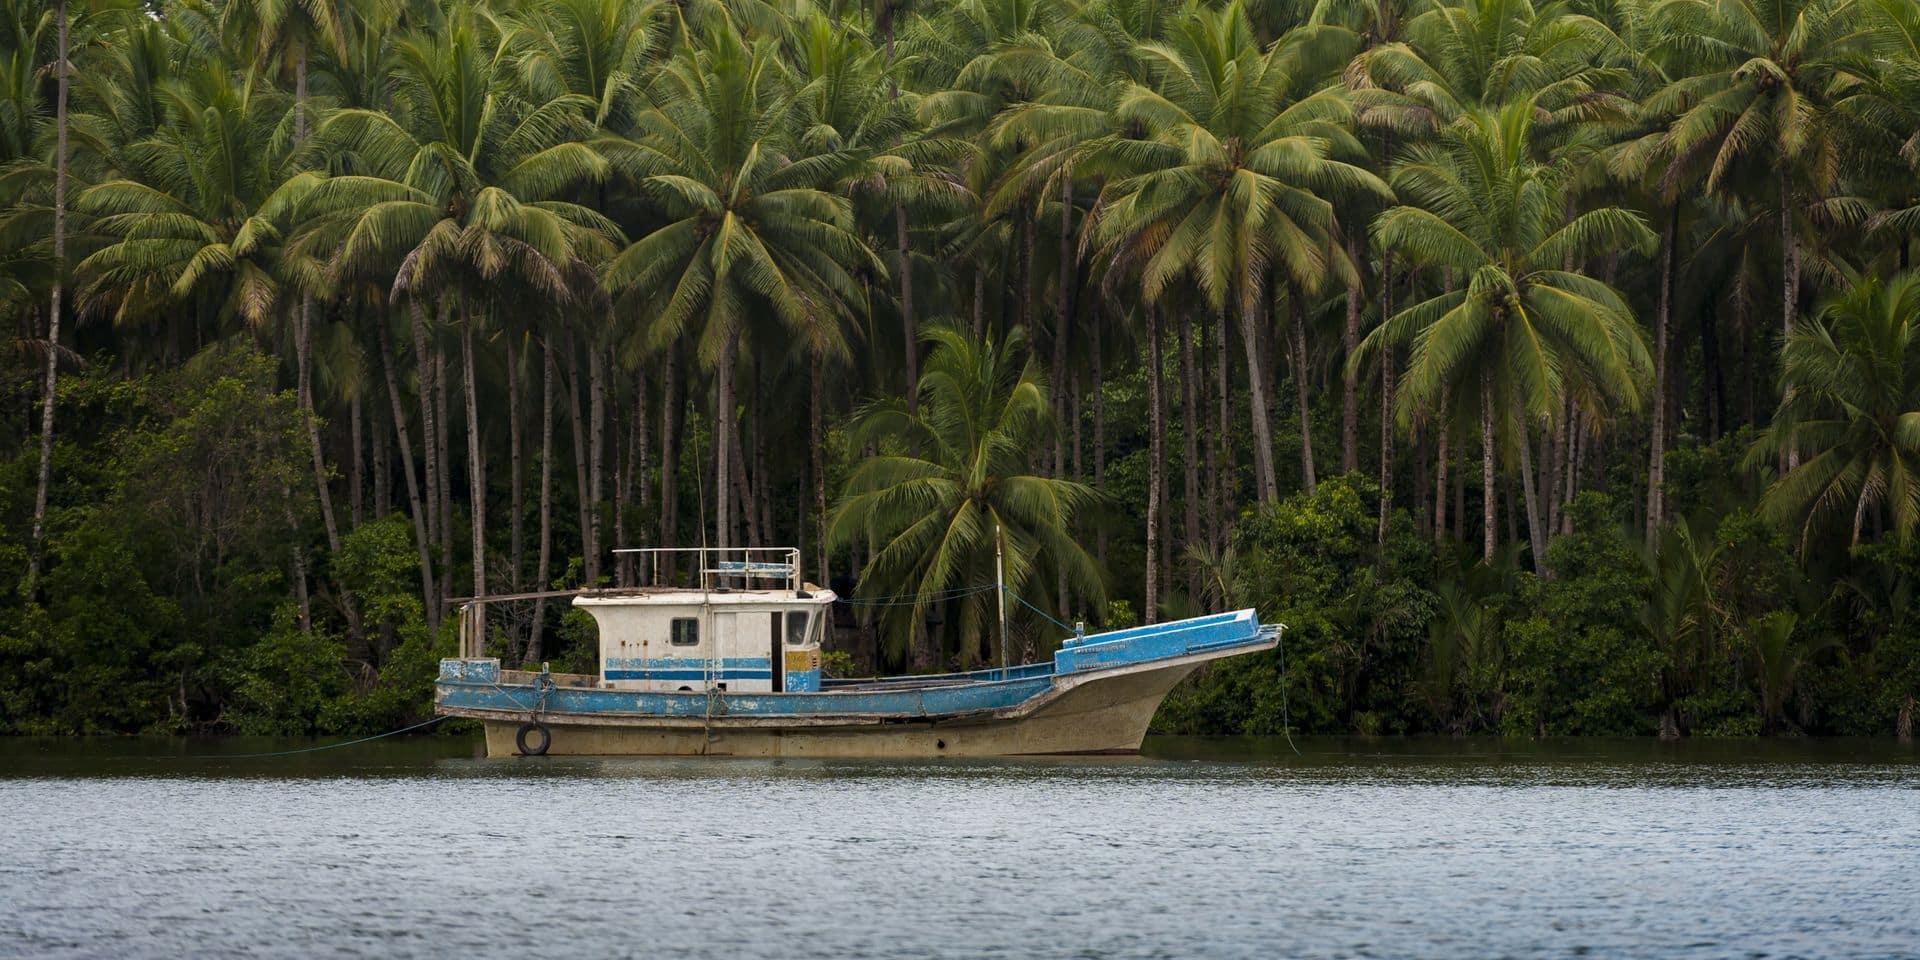 Indonésie: un bateau chavire à cause d'un selfie, au moins sept morts